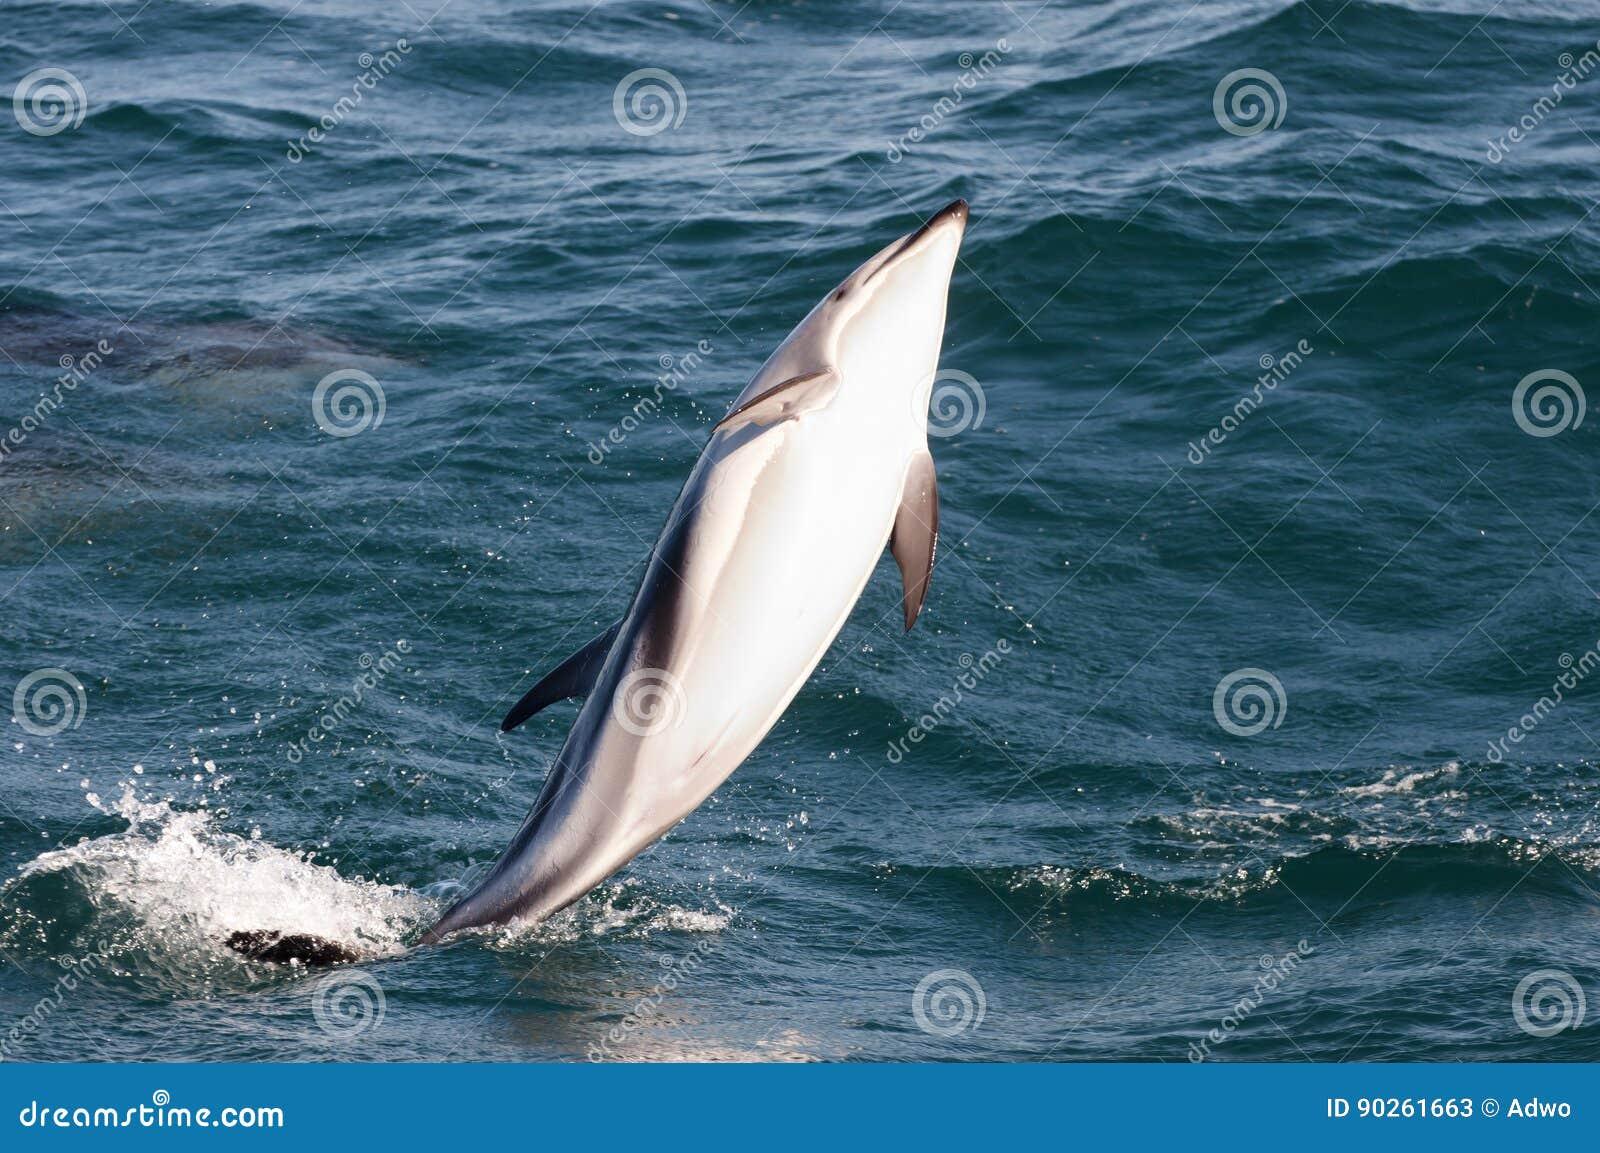 Golfinho de salto - Kaikoura - Nova Zelândia